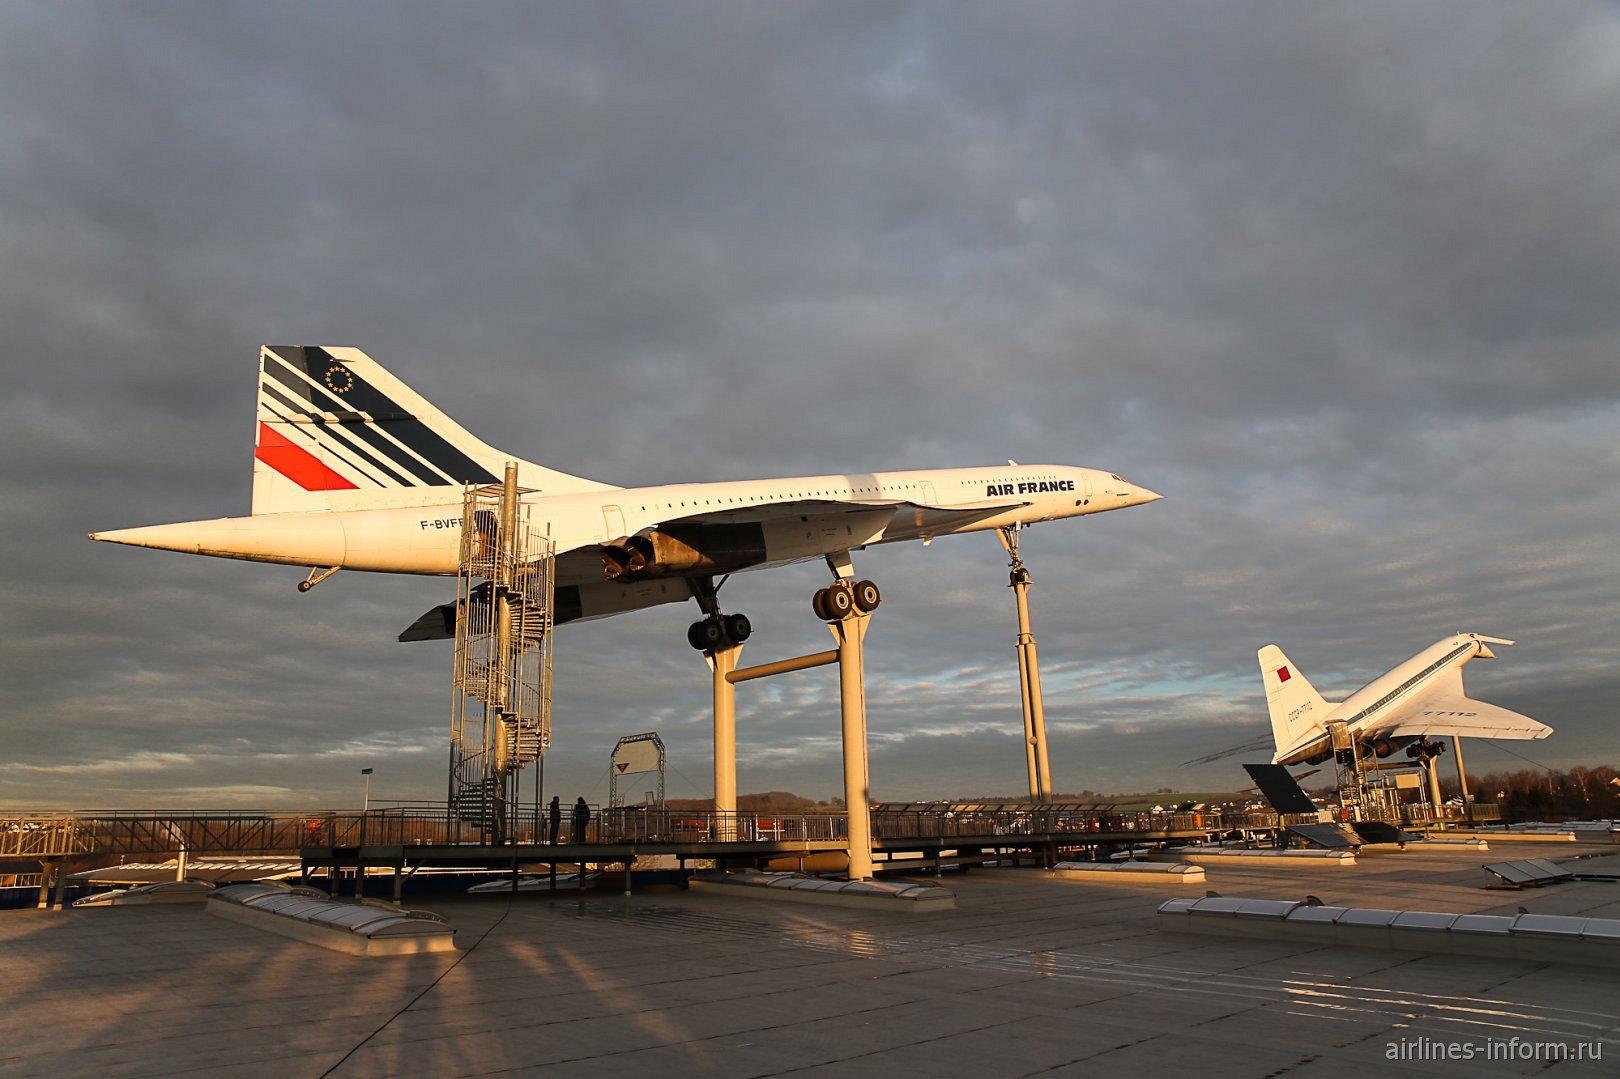 Конкорд и Ту-144 в музее техники в Зинсхайме